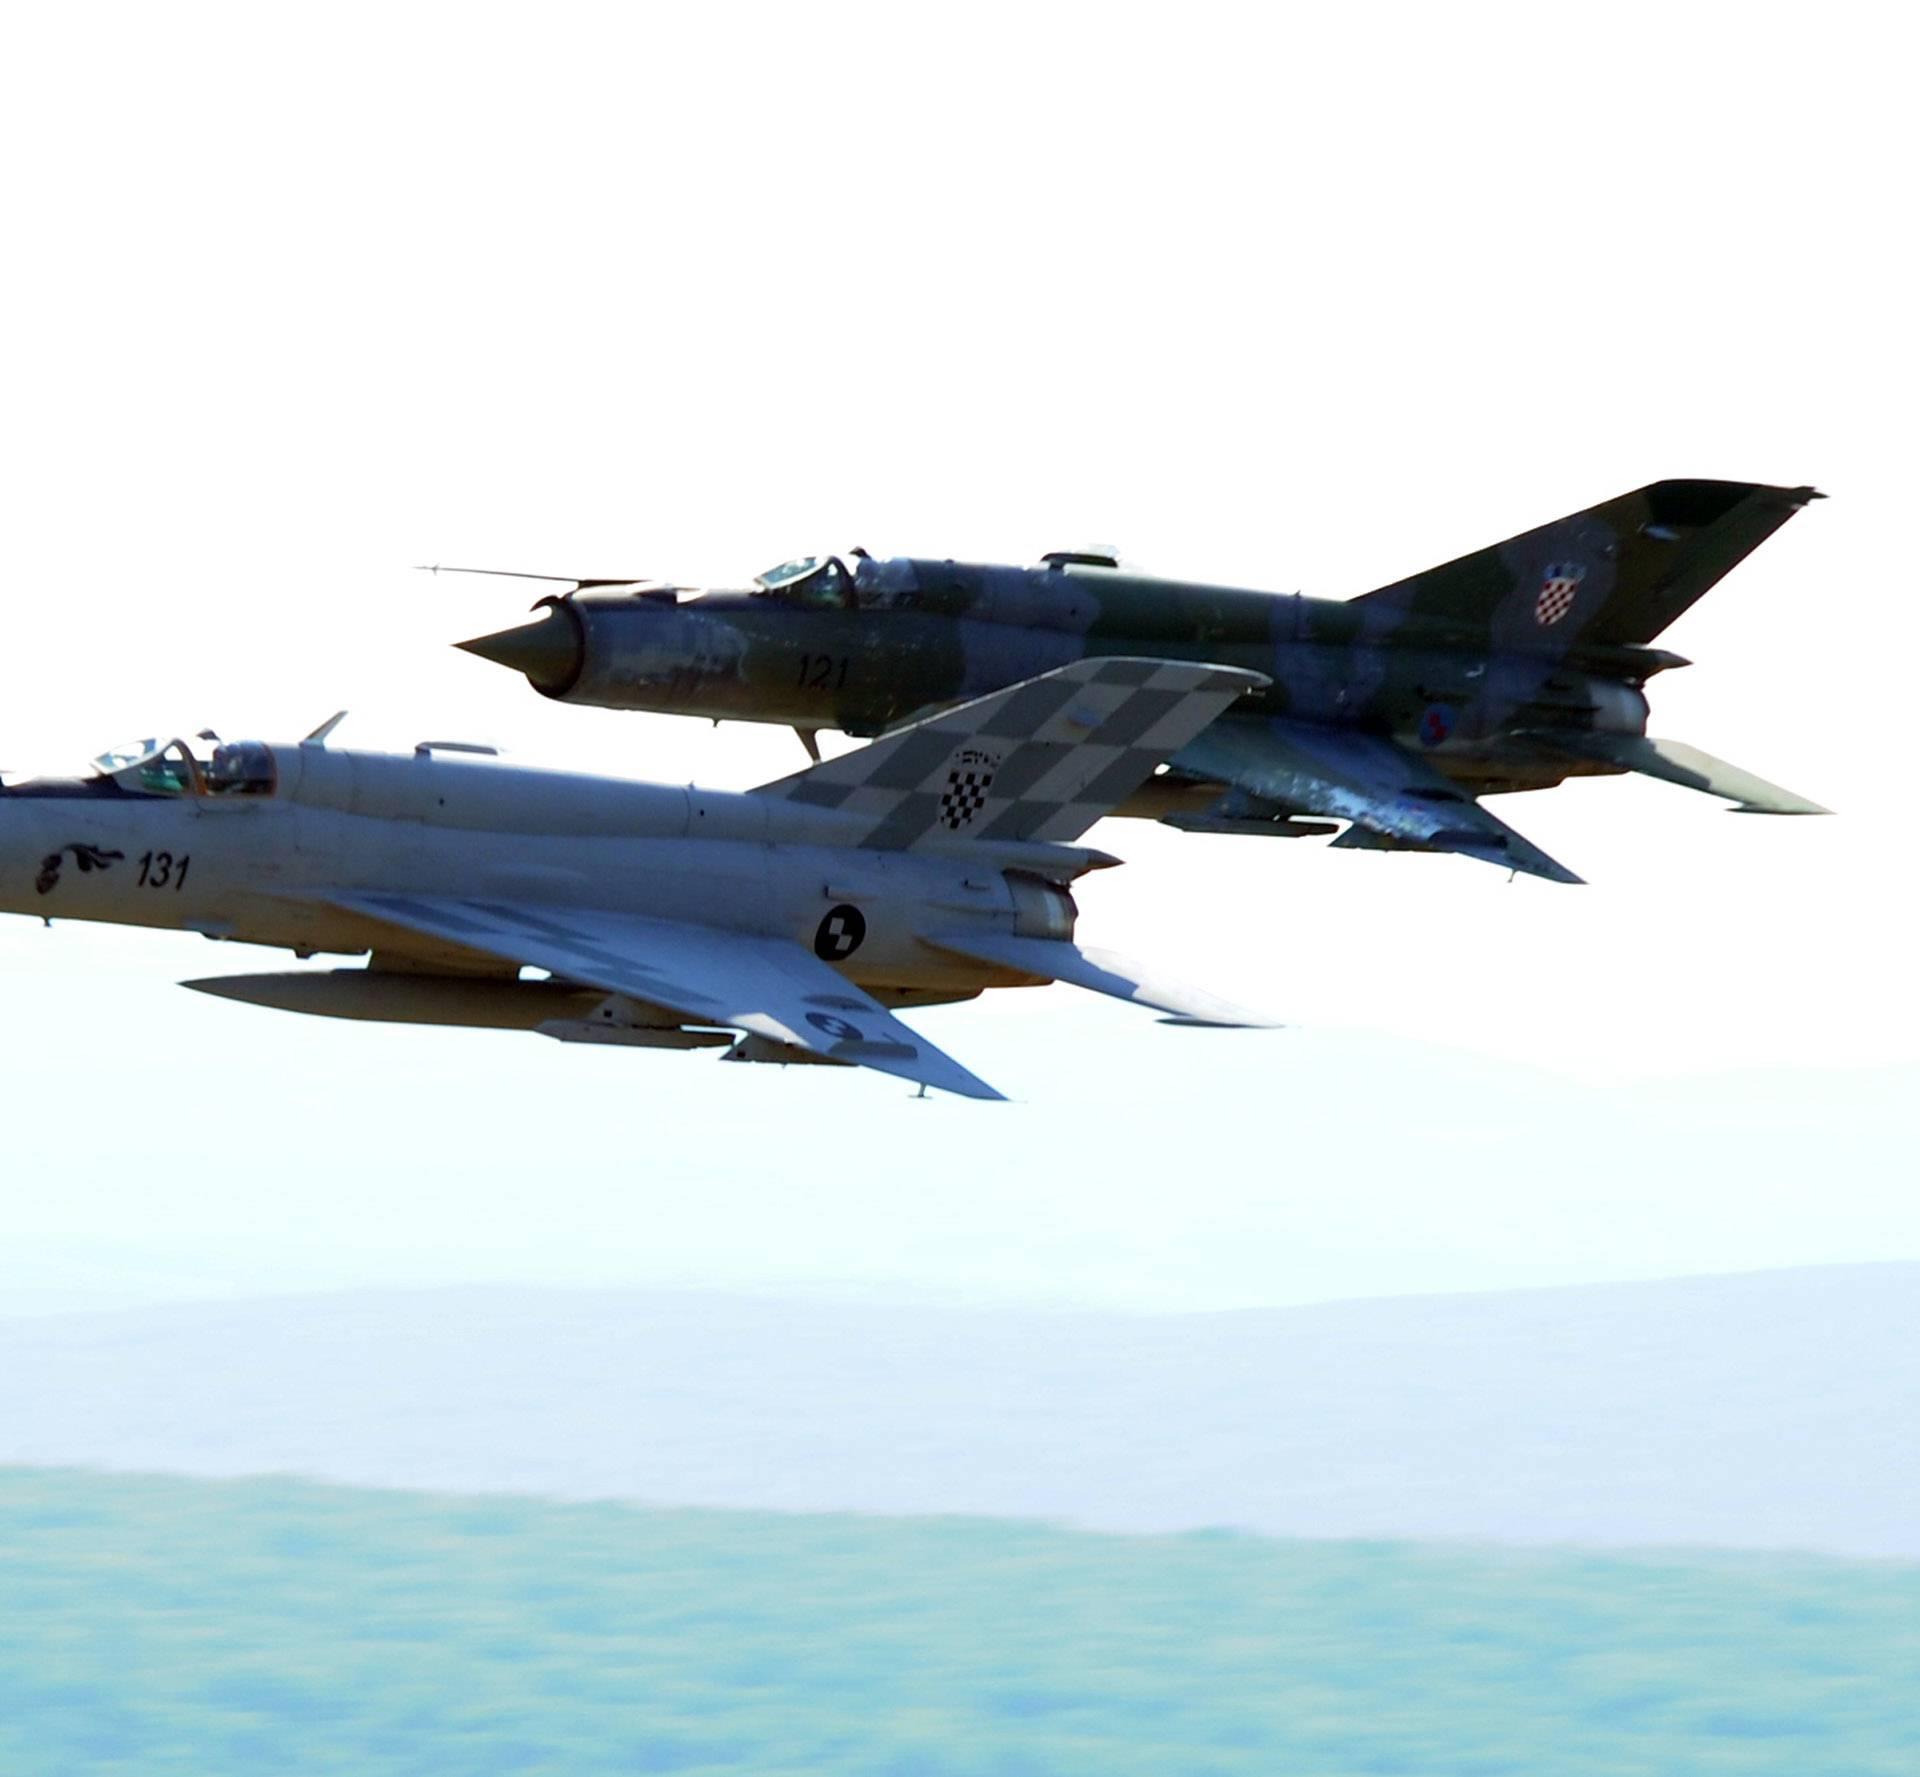 Budite mirni, nisu eksplozije: Zrakoplov probijaju zvučni zid